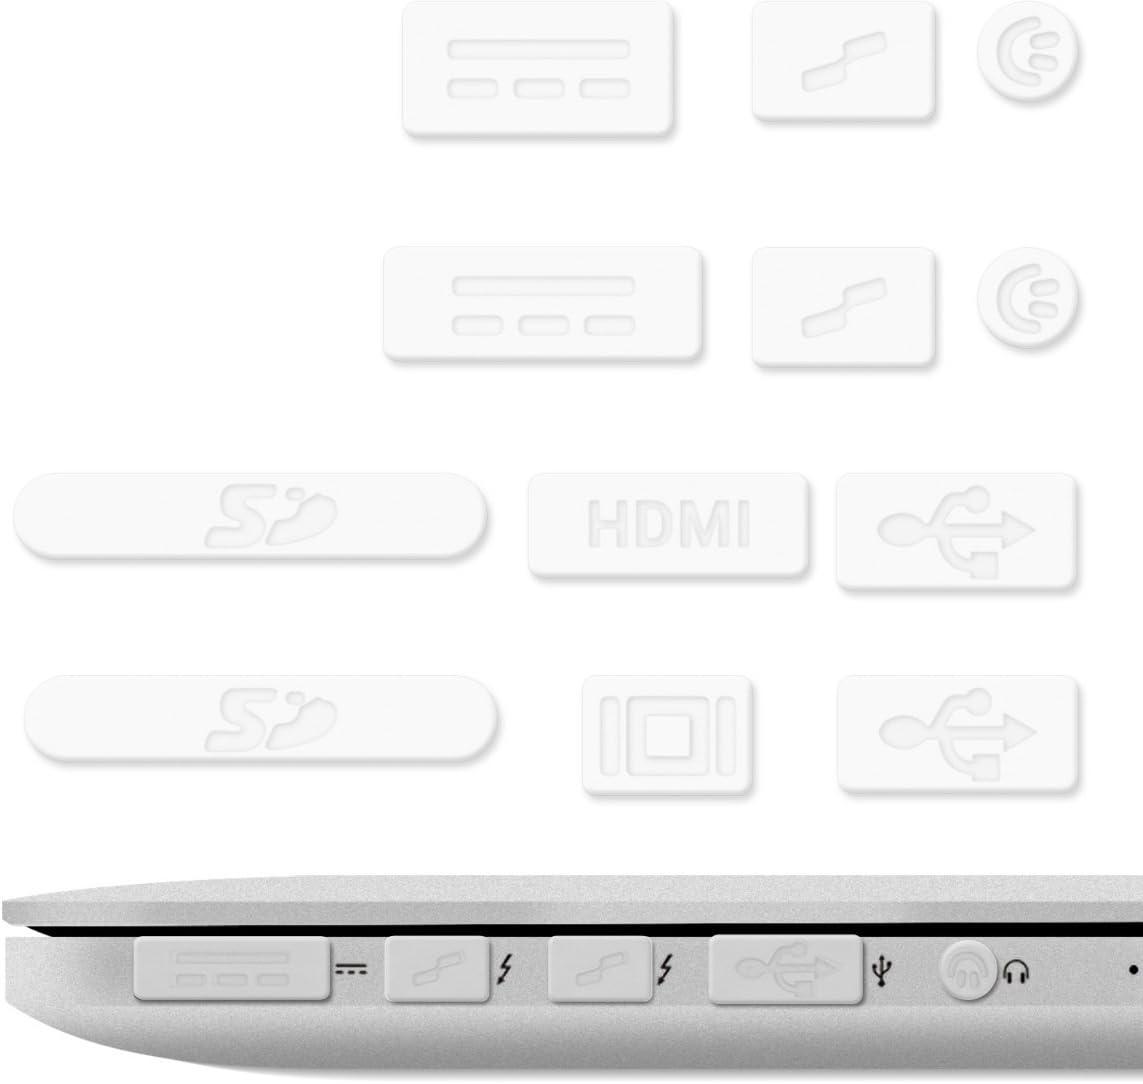 """kwmobile 12x Tapón Anti-Polvo Compatible con Apple MacBook Pro 13"""" 15"""" Retina/Air 11"""" 13""""(a Partir de Mediados de 2011 - Mediados de 2016) - Tapas Protectoras Anti-Suciedad"""